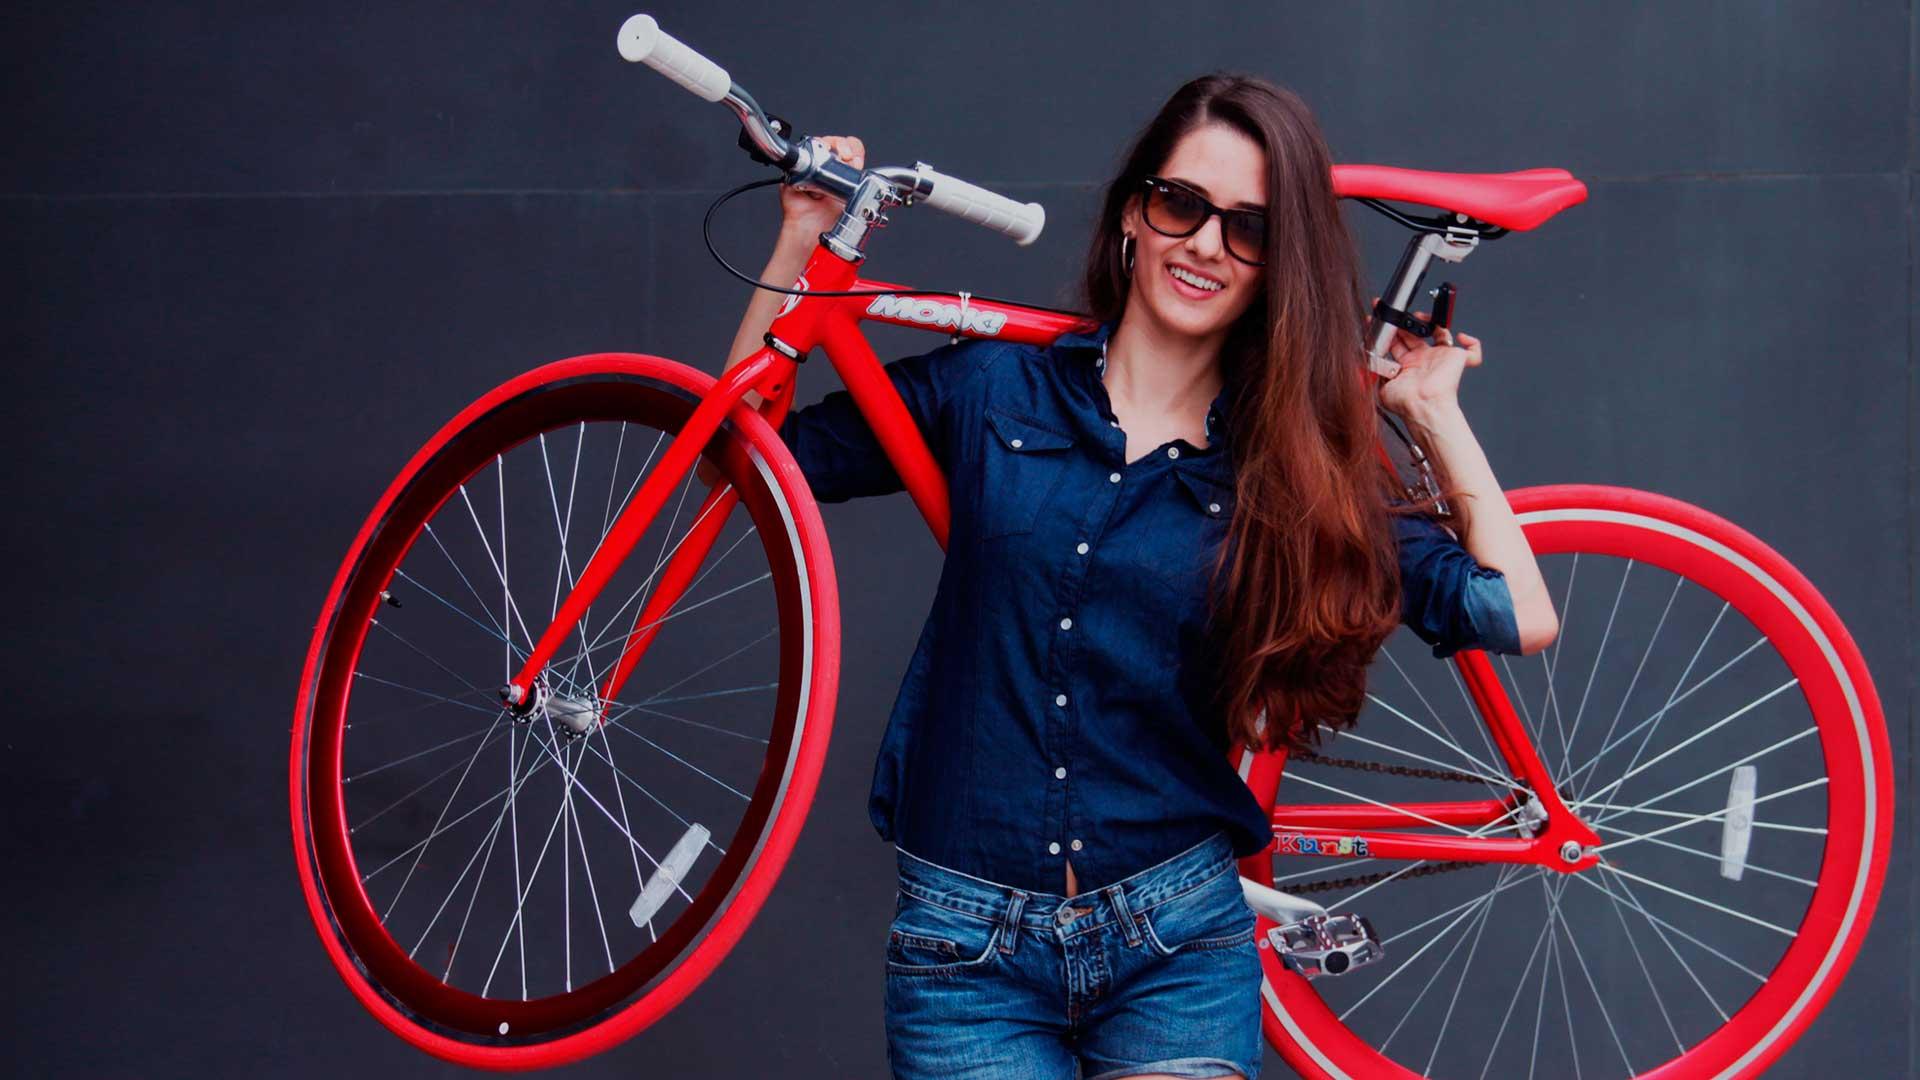 comprar bicicletas en méxico